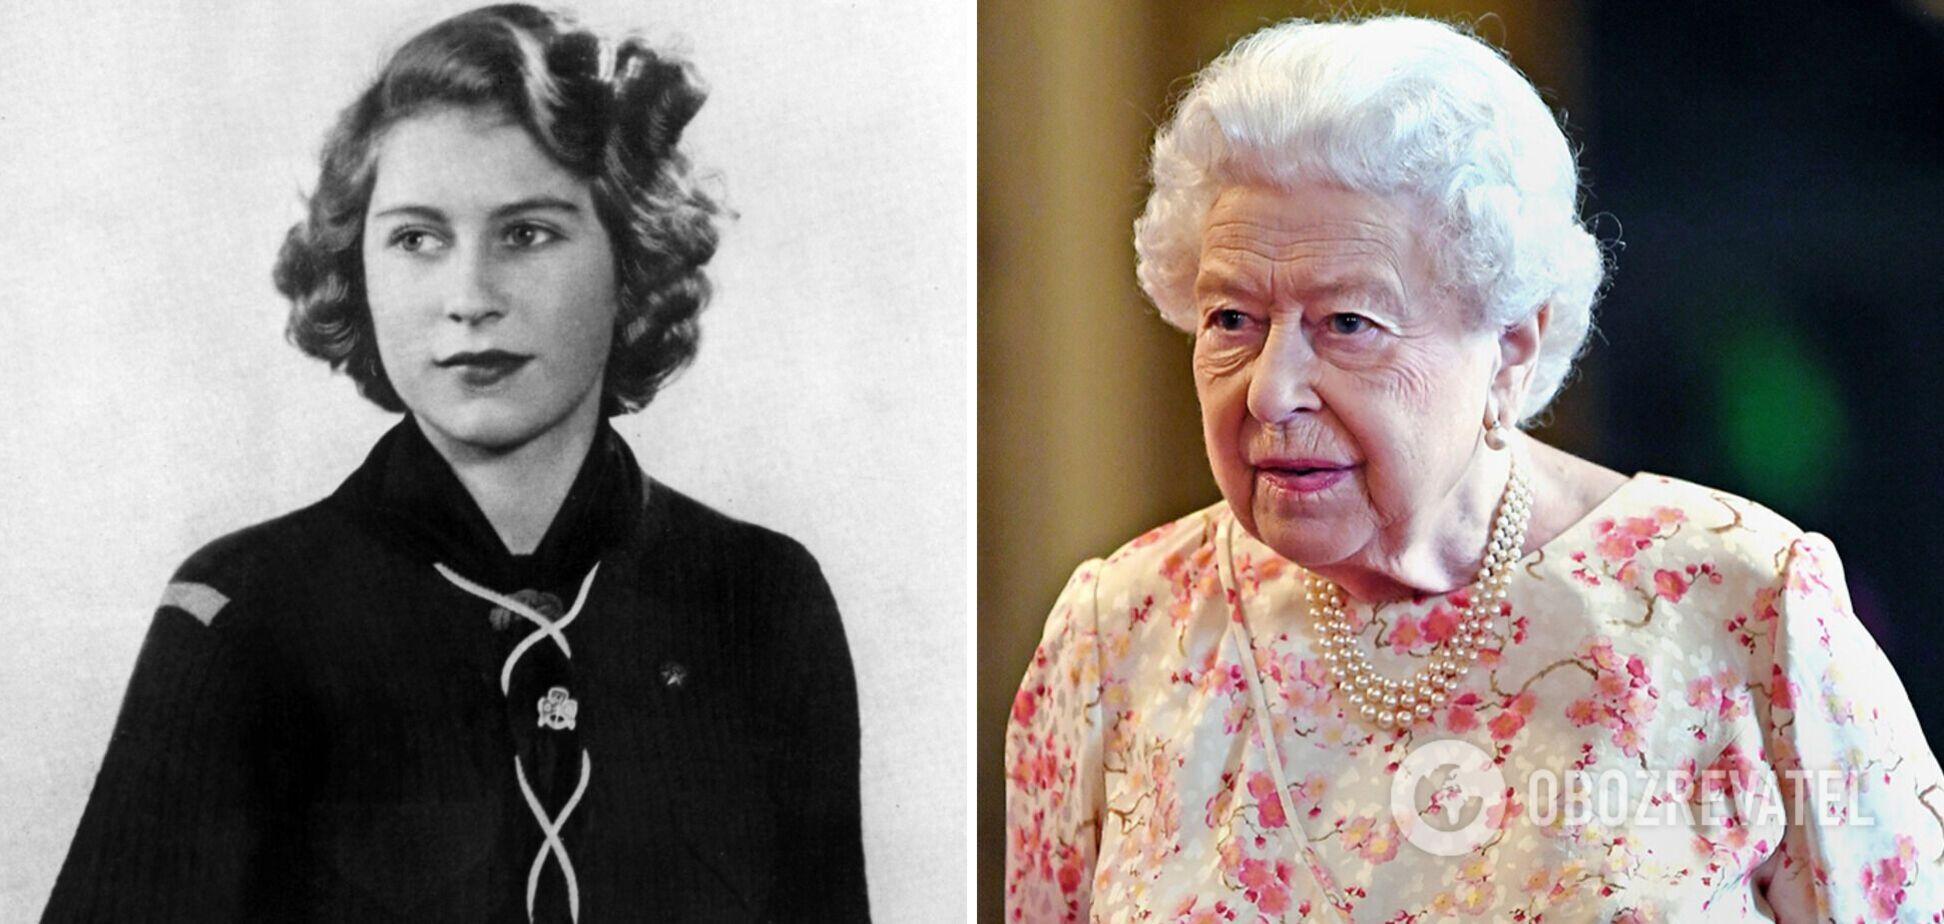 Як виглядала Єлизавета II до повноліття: архівні фото